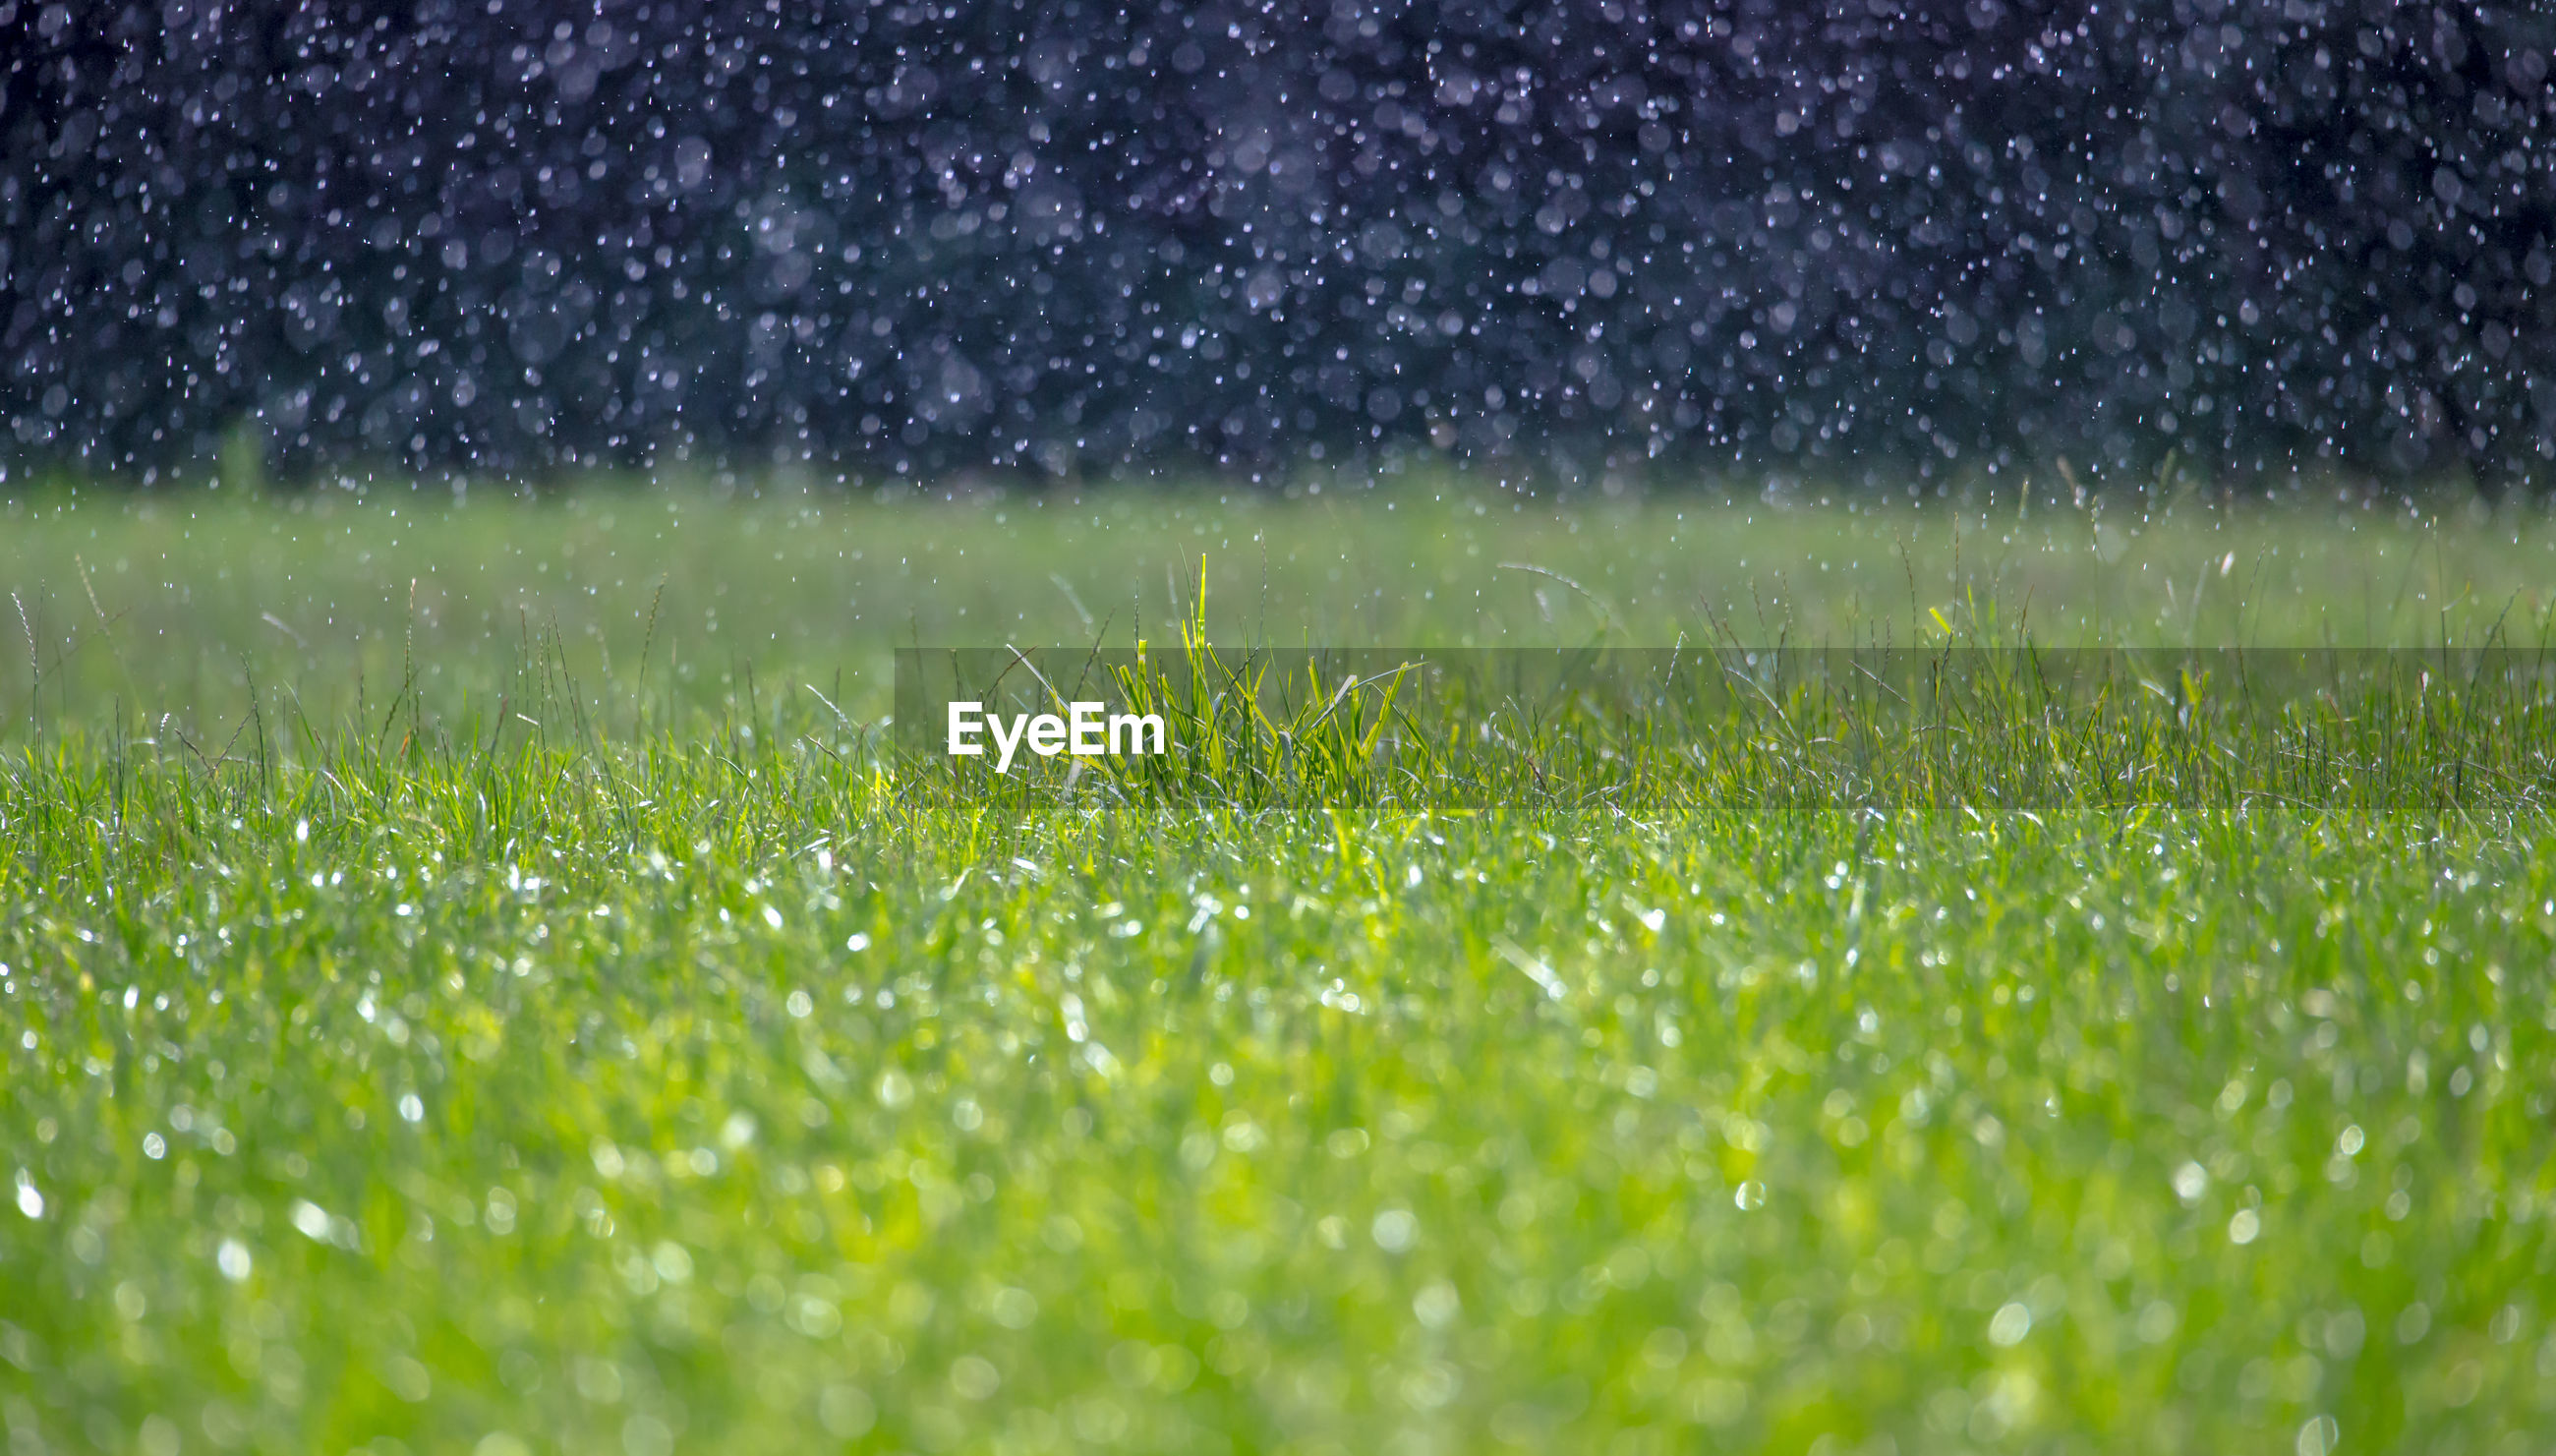 WATER DROPS ON GRASS FIELD